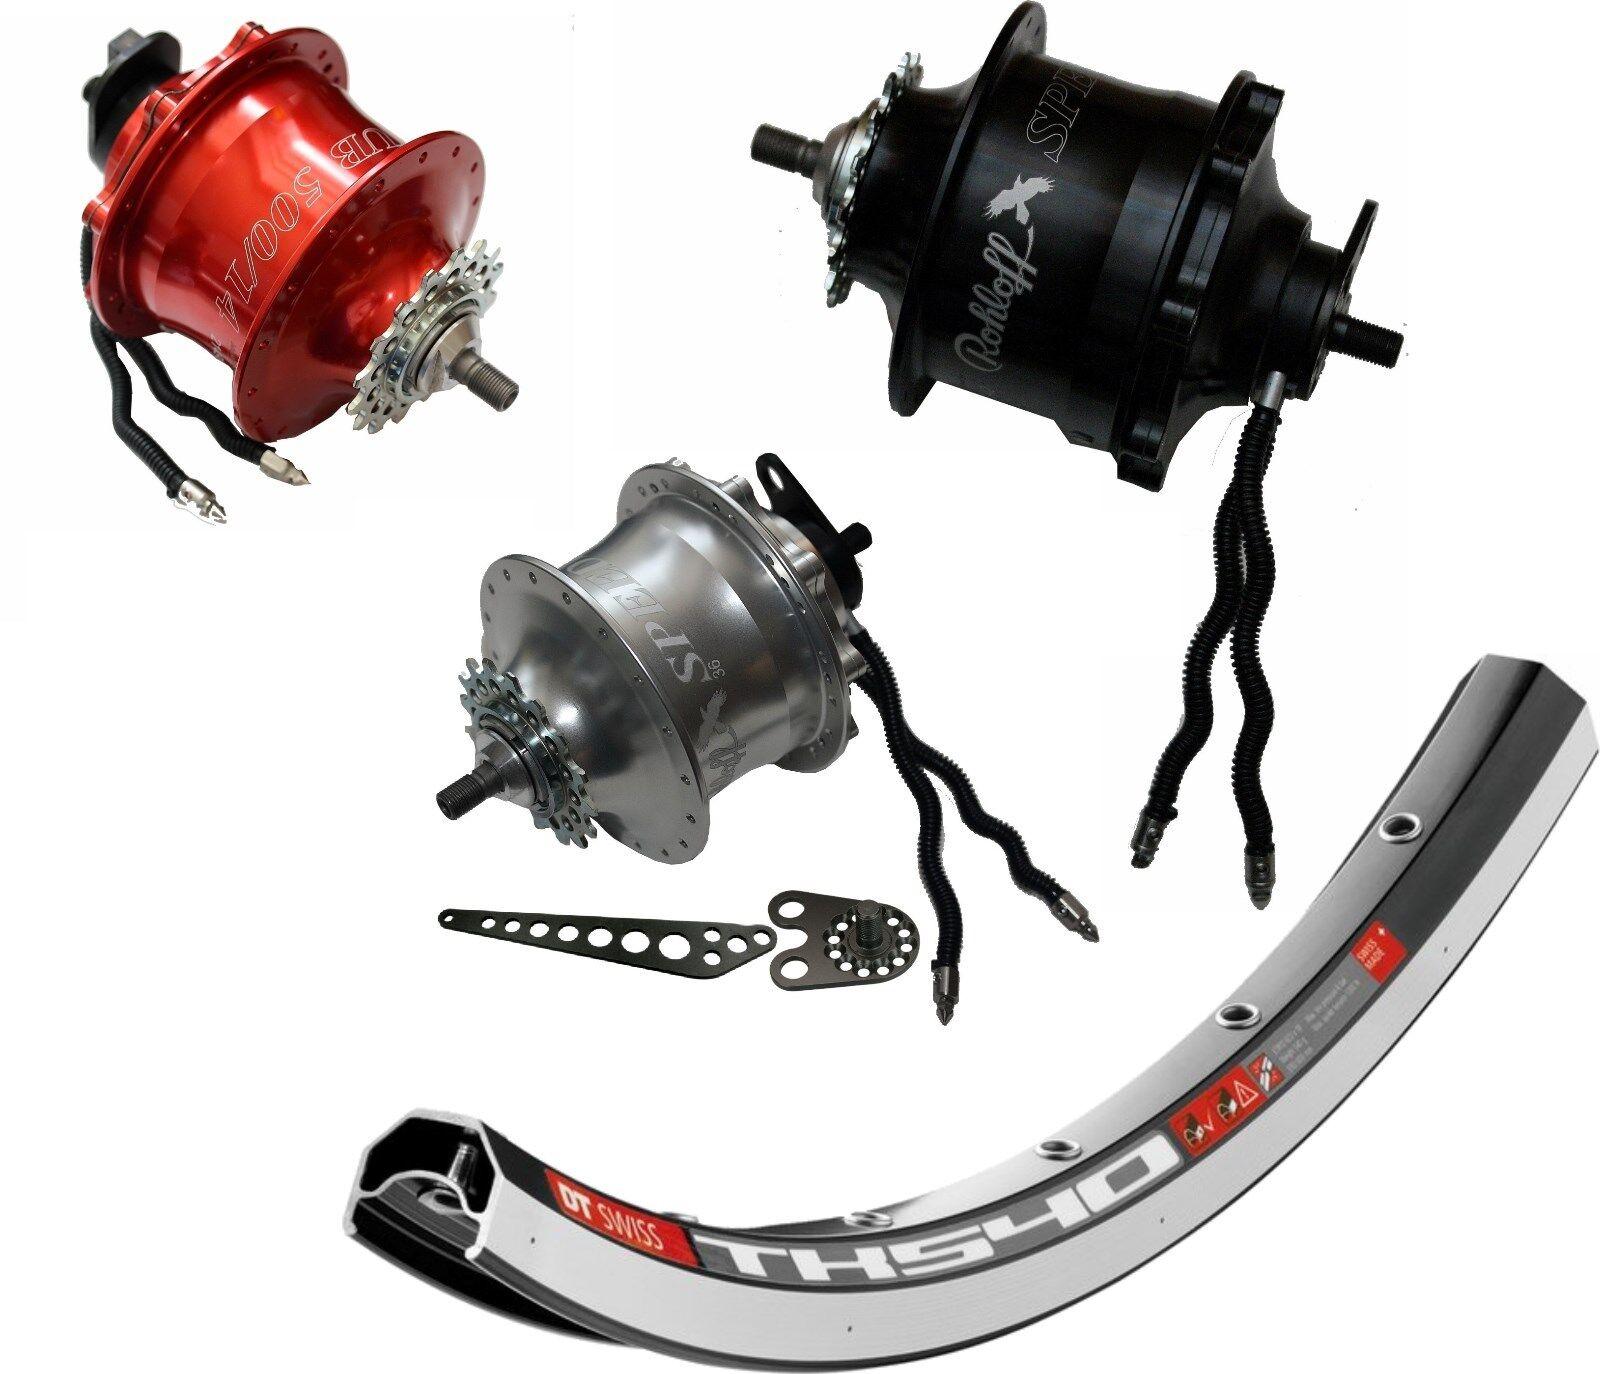 Laufrad mit Rohloff Speedhub Modell 8040   8041   8042 TS diverse Größen 20-28